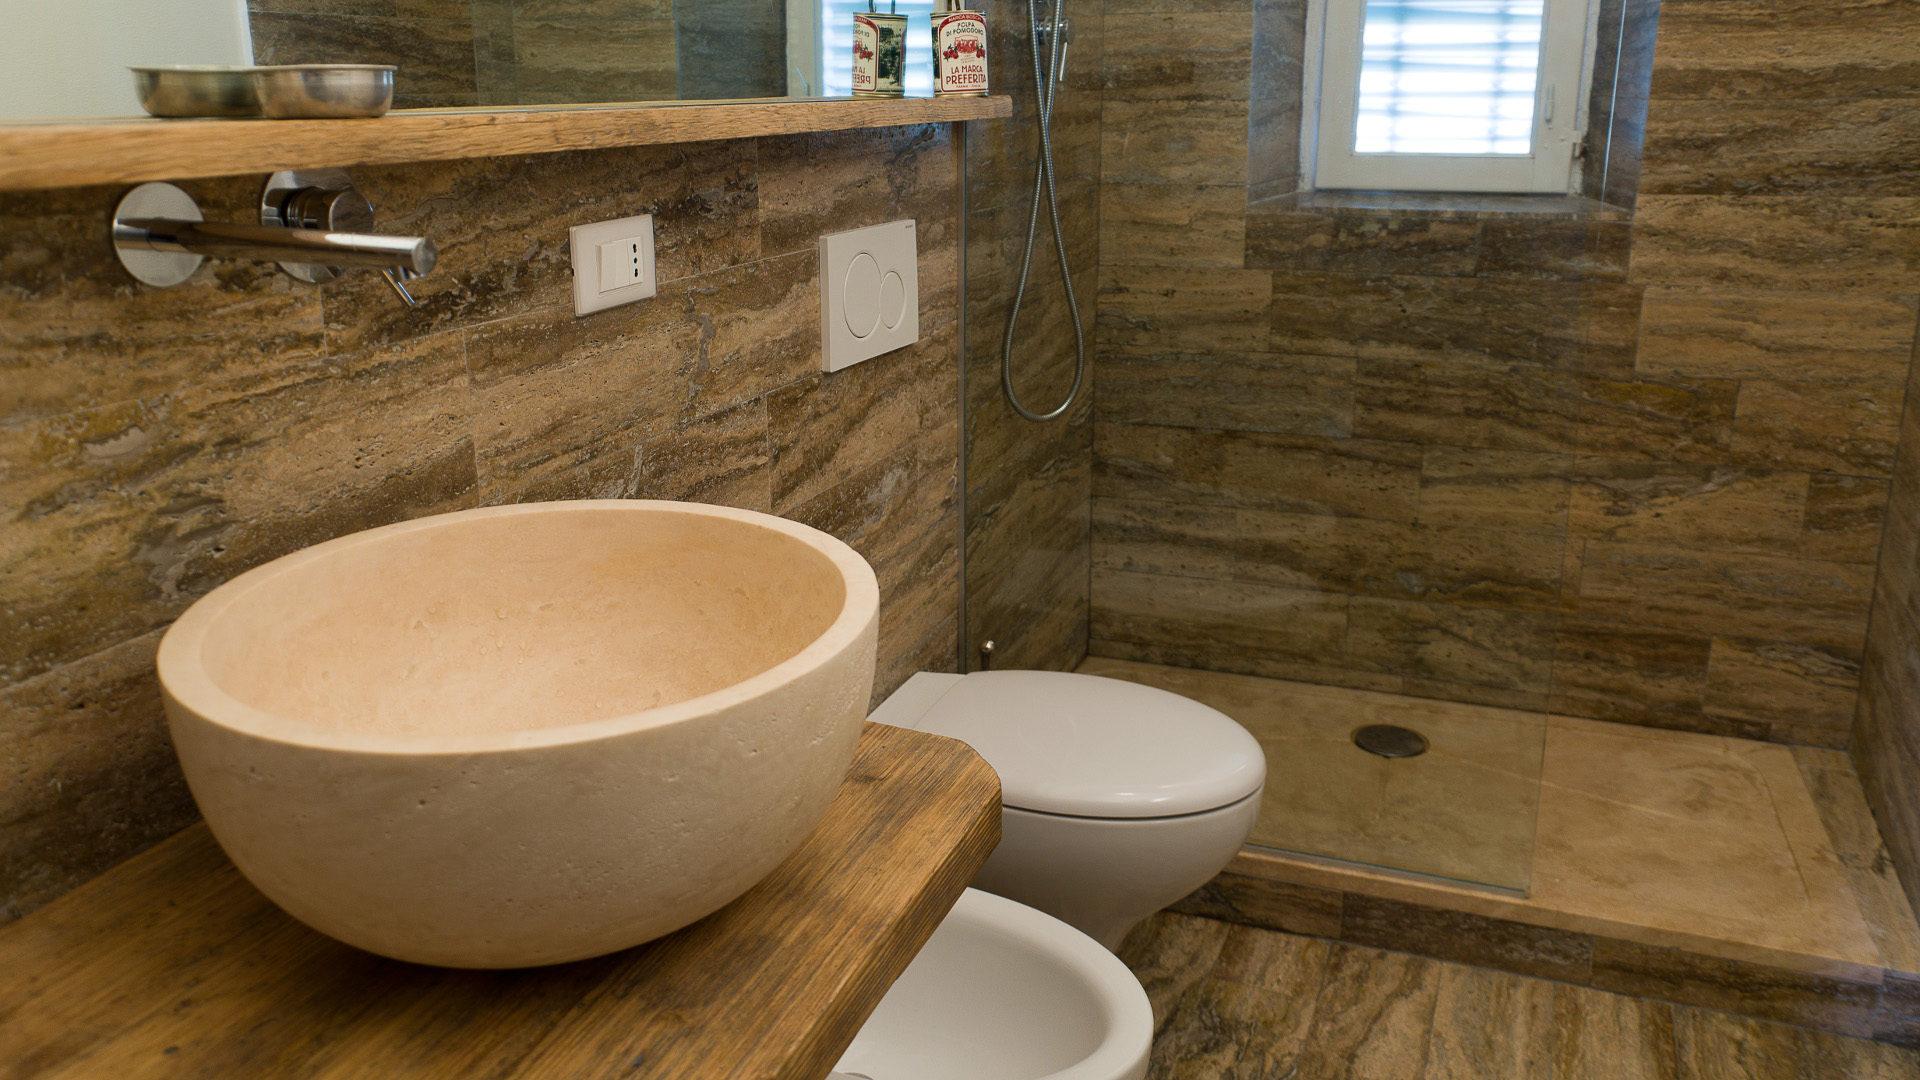 Lavabi bagno travertino pietre di rapolano - Pietre per bagno ...